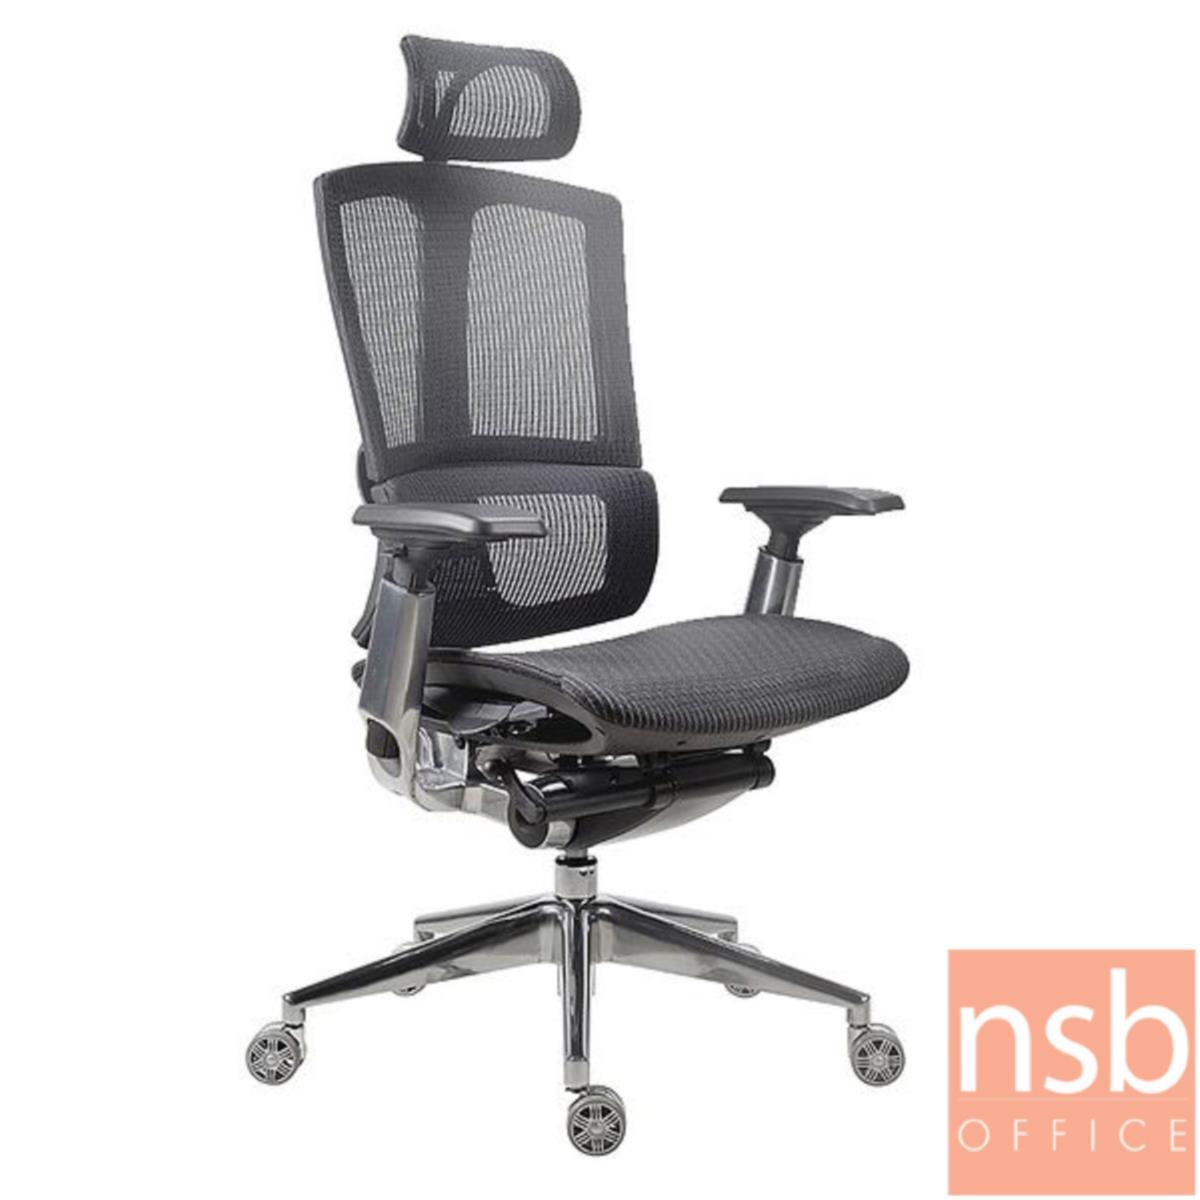 B24A060:เก้าอี้ผู้บริหารหลังเน็ต รุ่น Primrose (พริมโรส)  ขาอลูมินั่ม